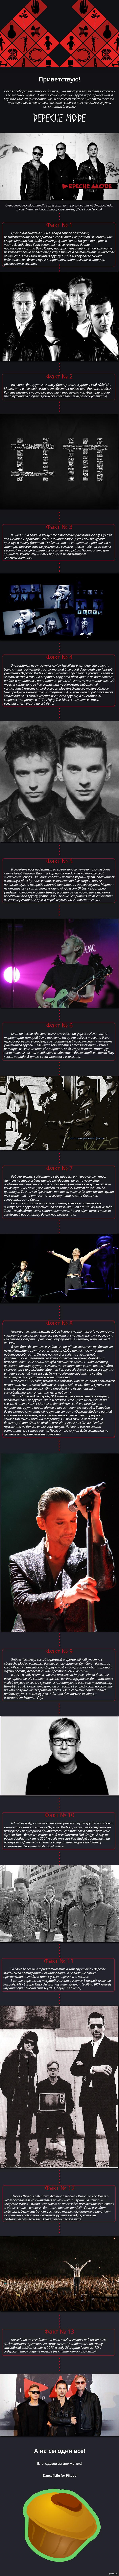 """Интересные факты о группе """"Depeche Mode"""". Пост делался в большой спешке. Прошу сильно не пинать."""